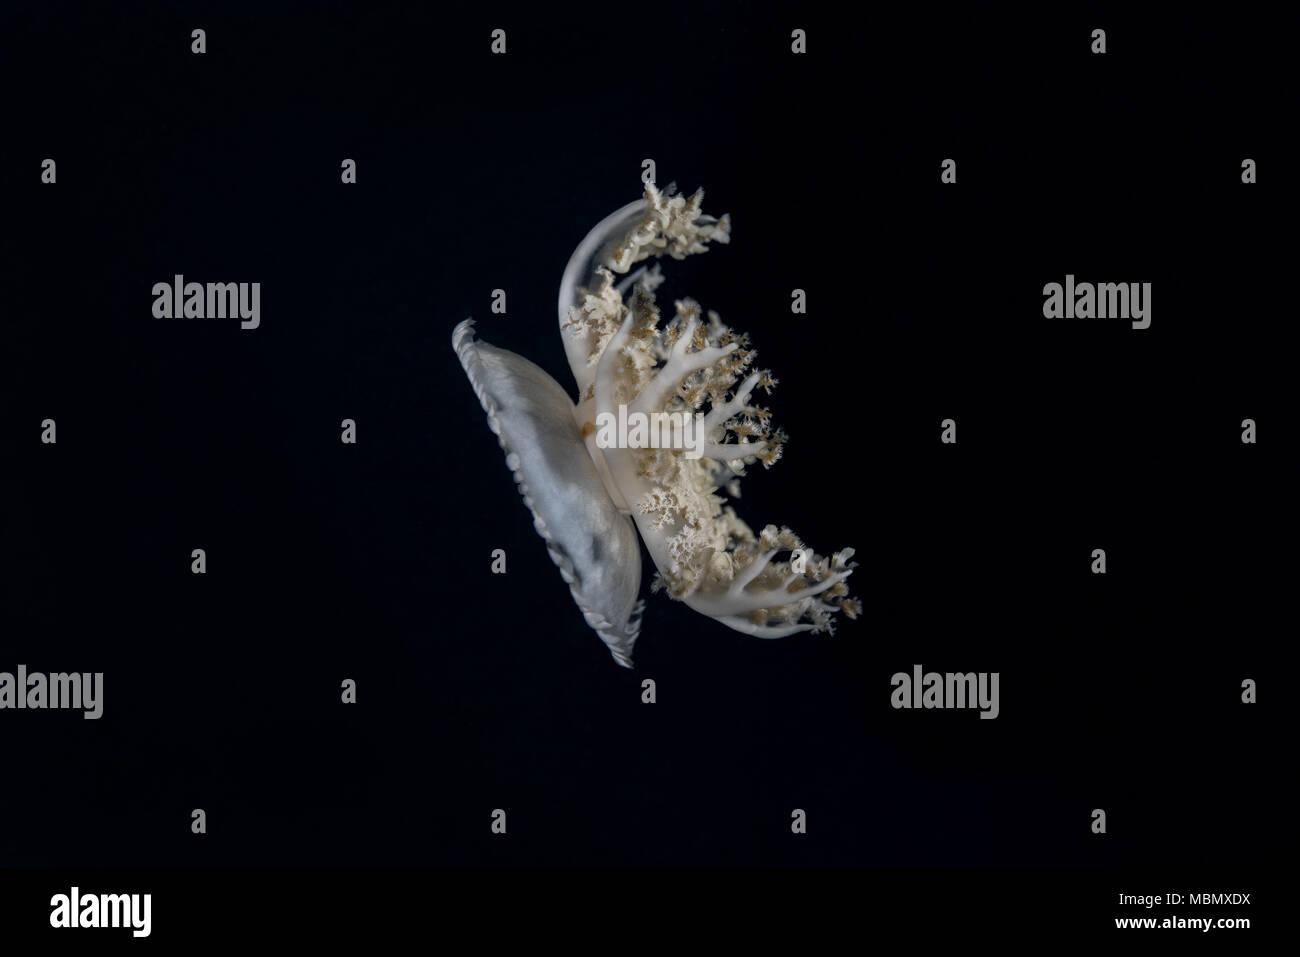 Kopfüber Quallen (Cassiopea Andromeda) in der Nacht Stockfoto